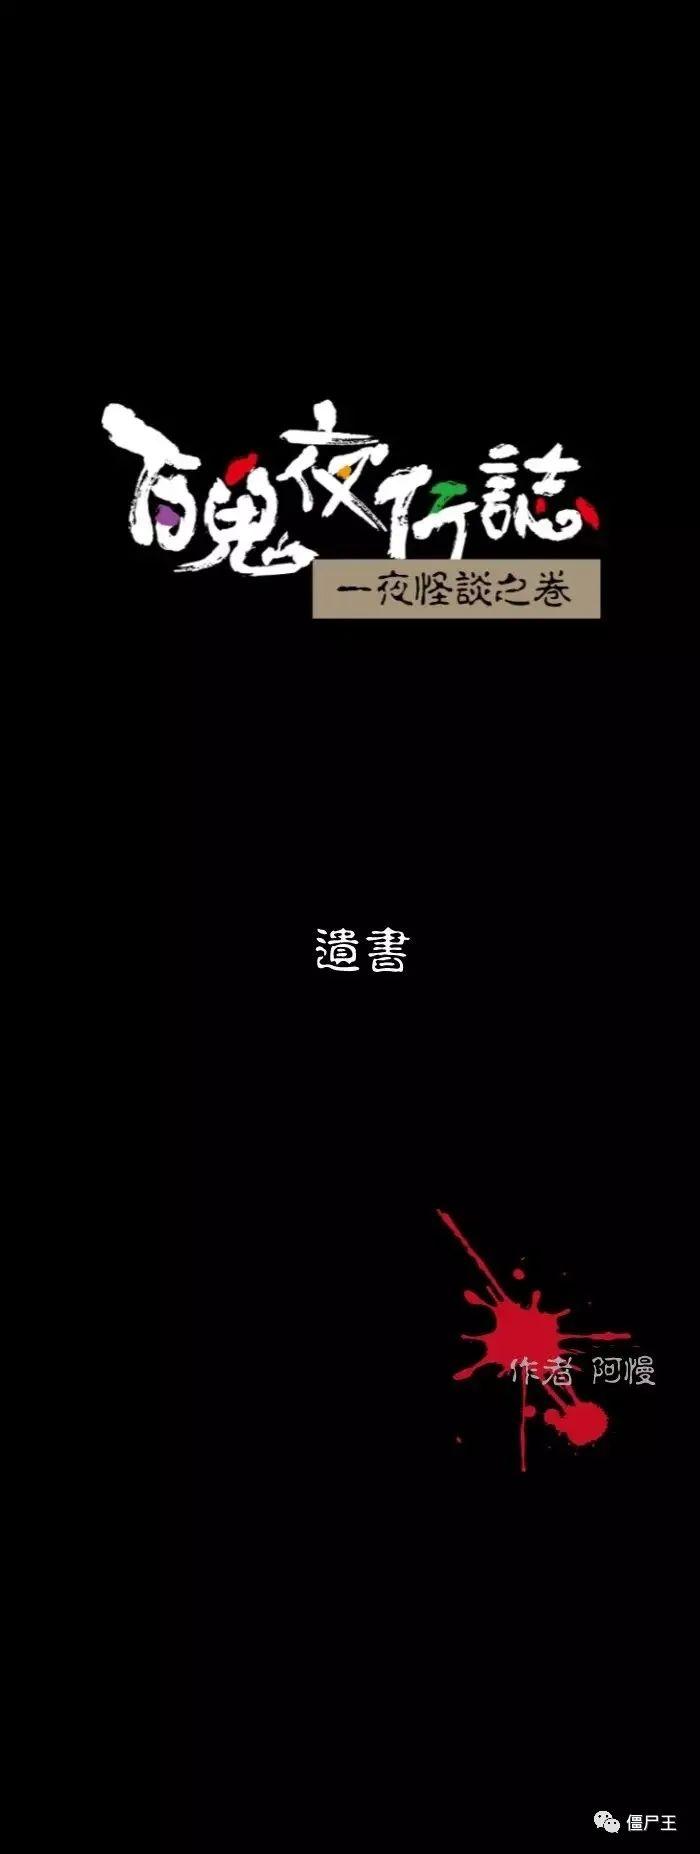 僵尸王漫画:百鬼夜行记之自杀遗书